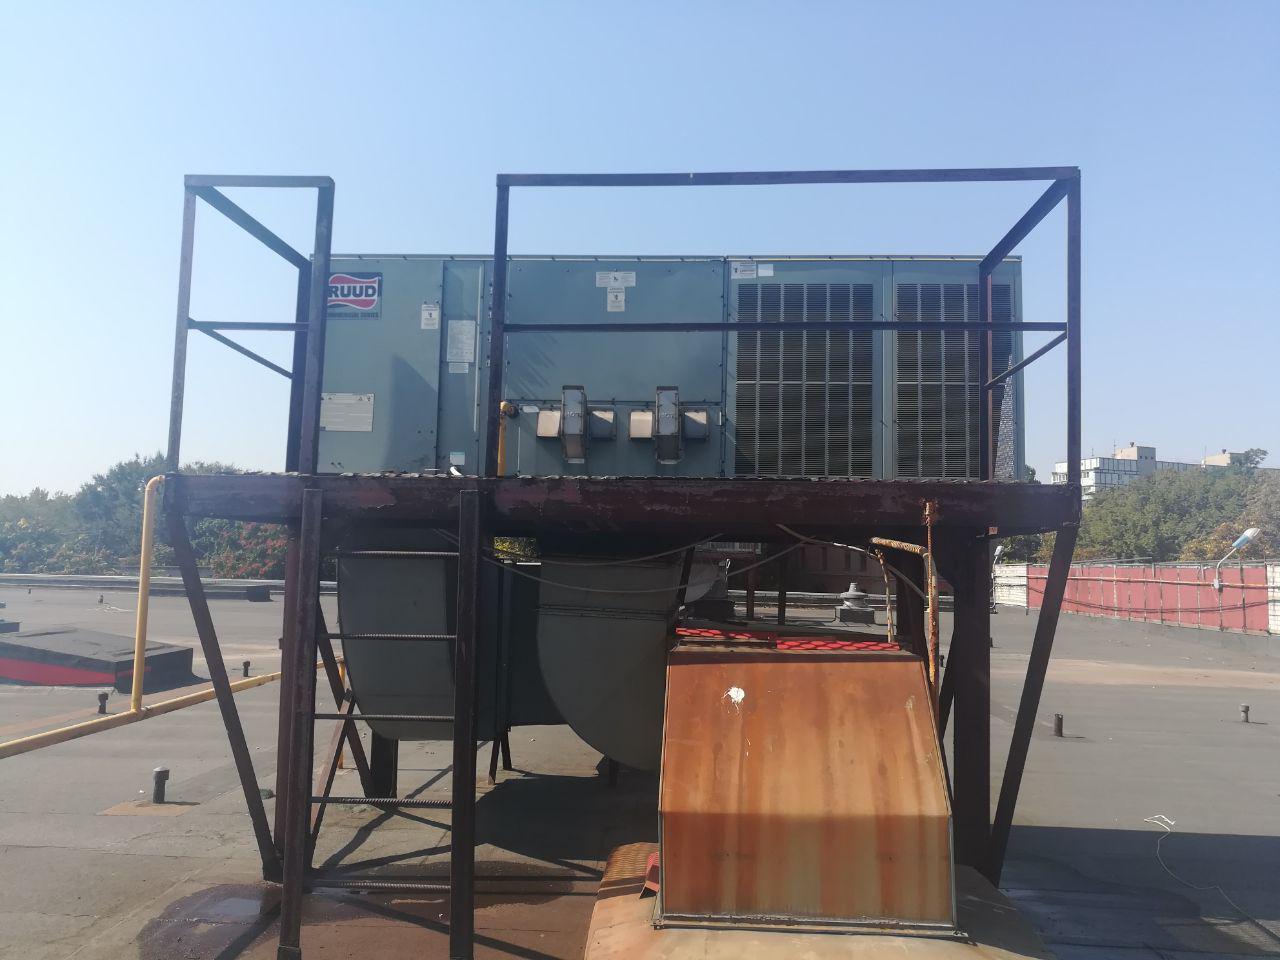 Фото Профилактика руфтопа (крышного кондиционера) - была проведена комплексная диагностика, замена контакторов, прочистка фильтров.